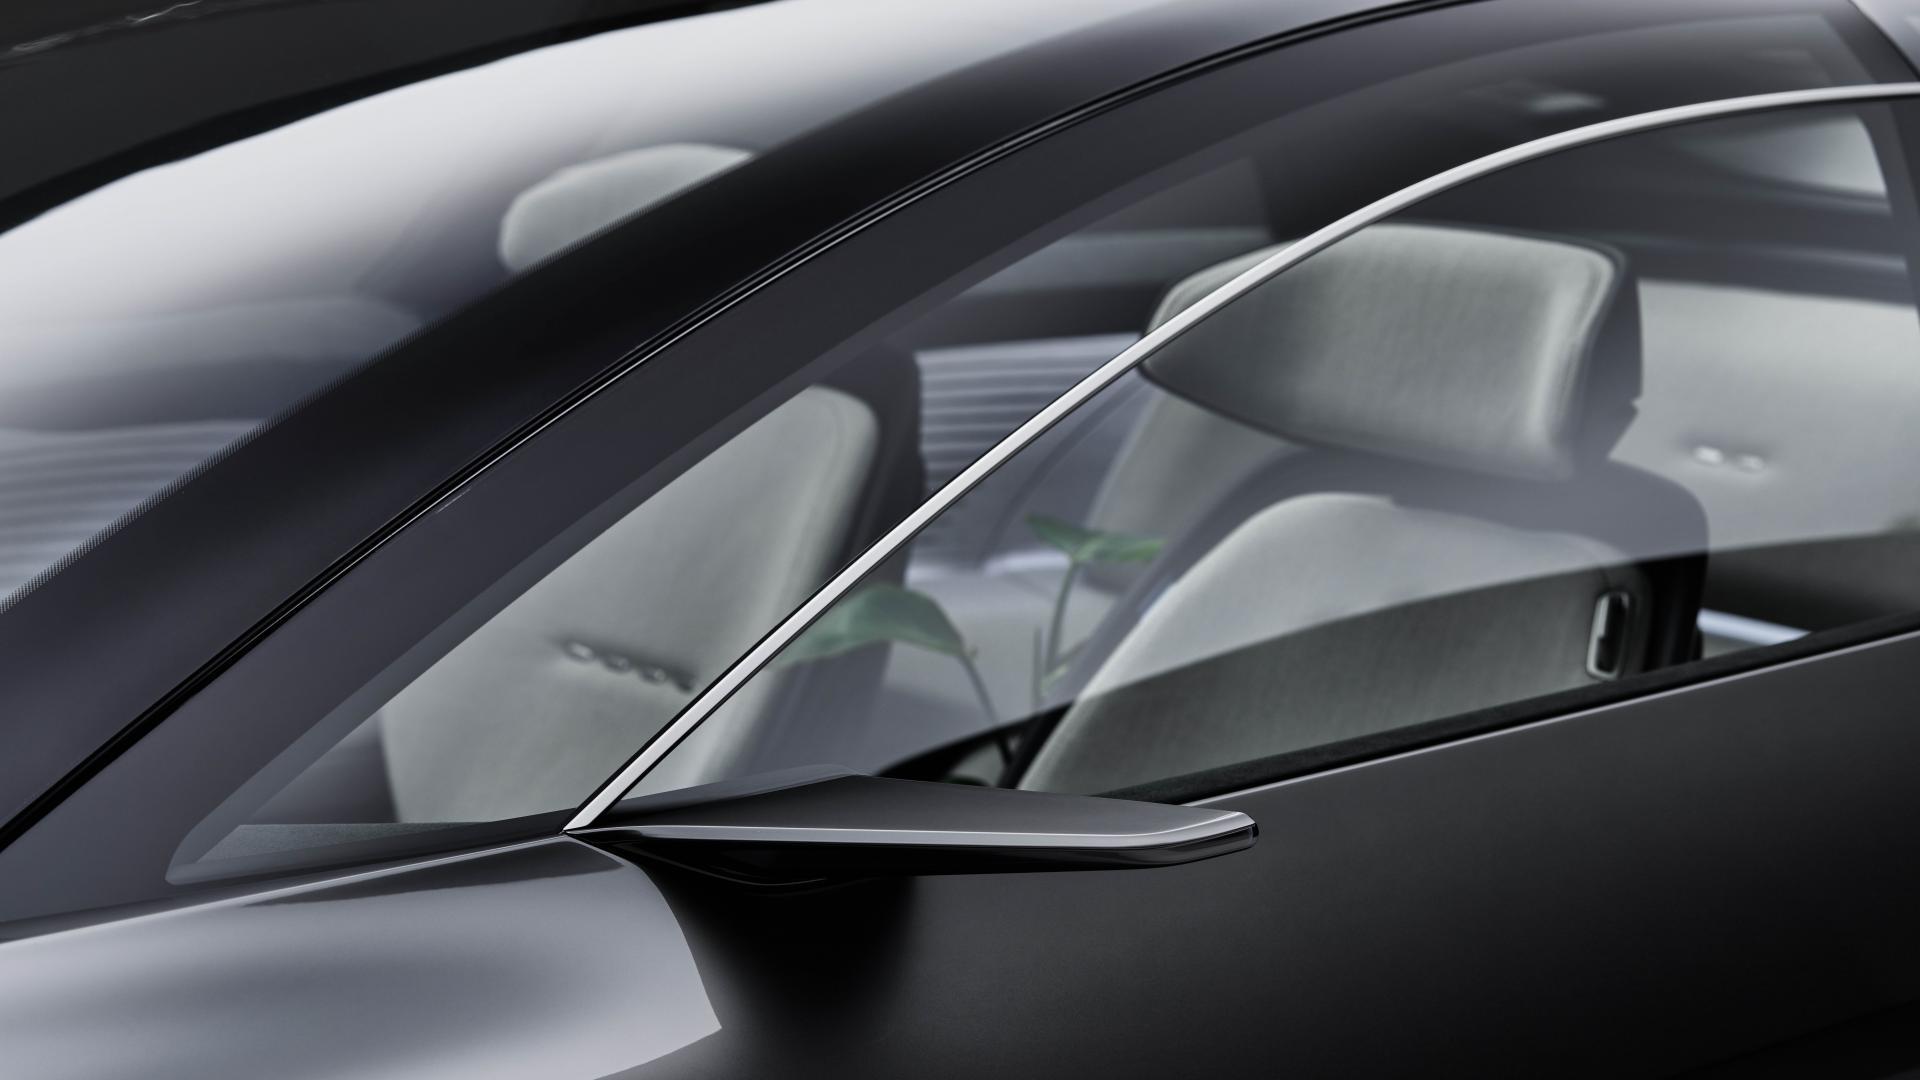 Glas Audi Grandsphere